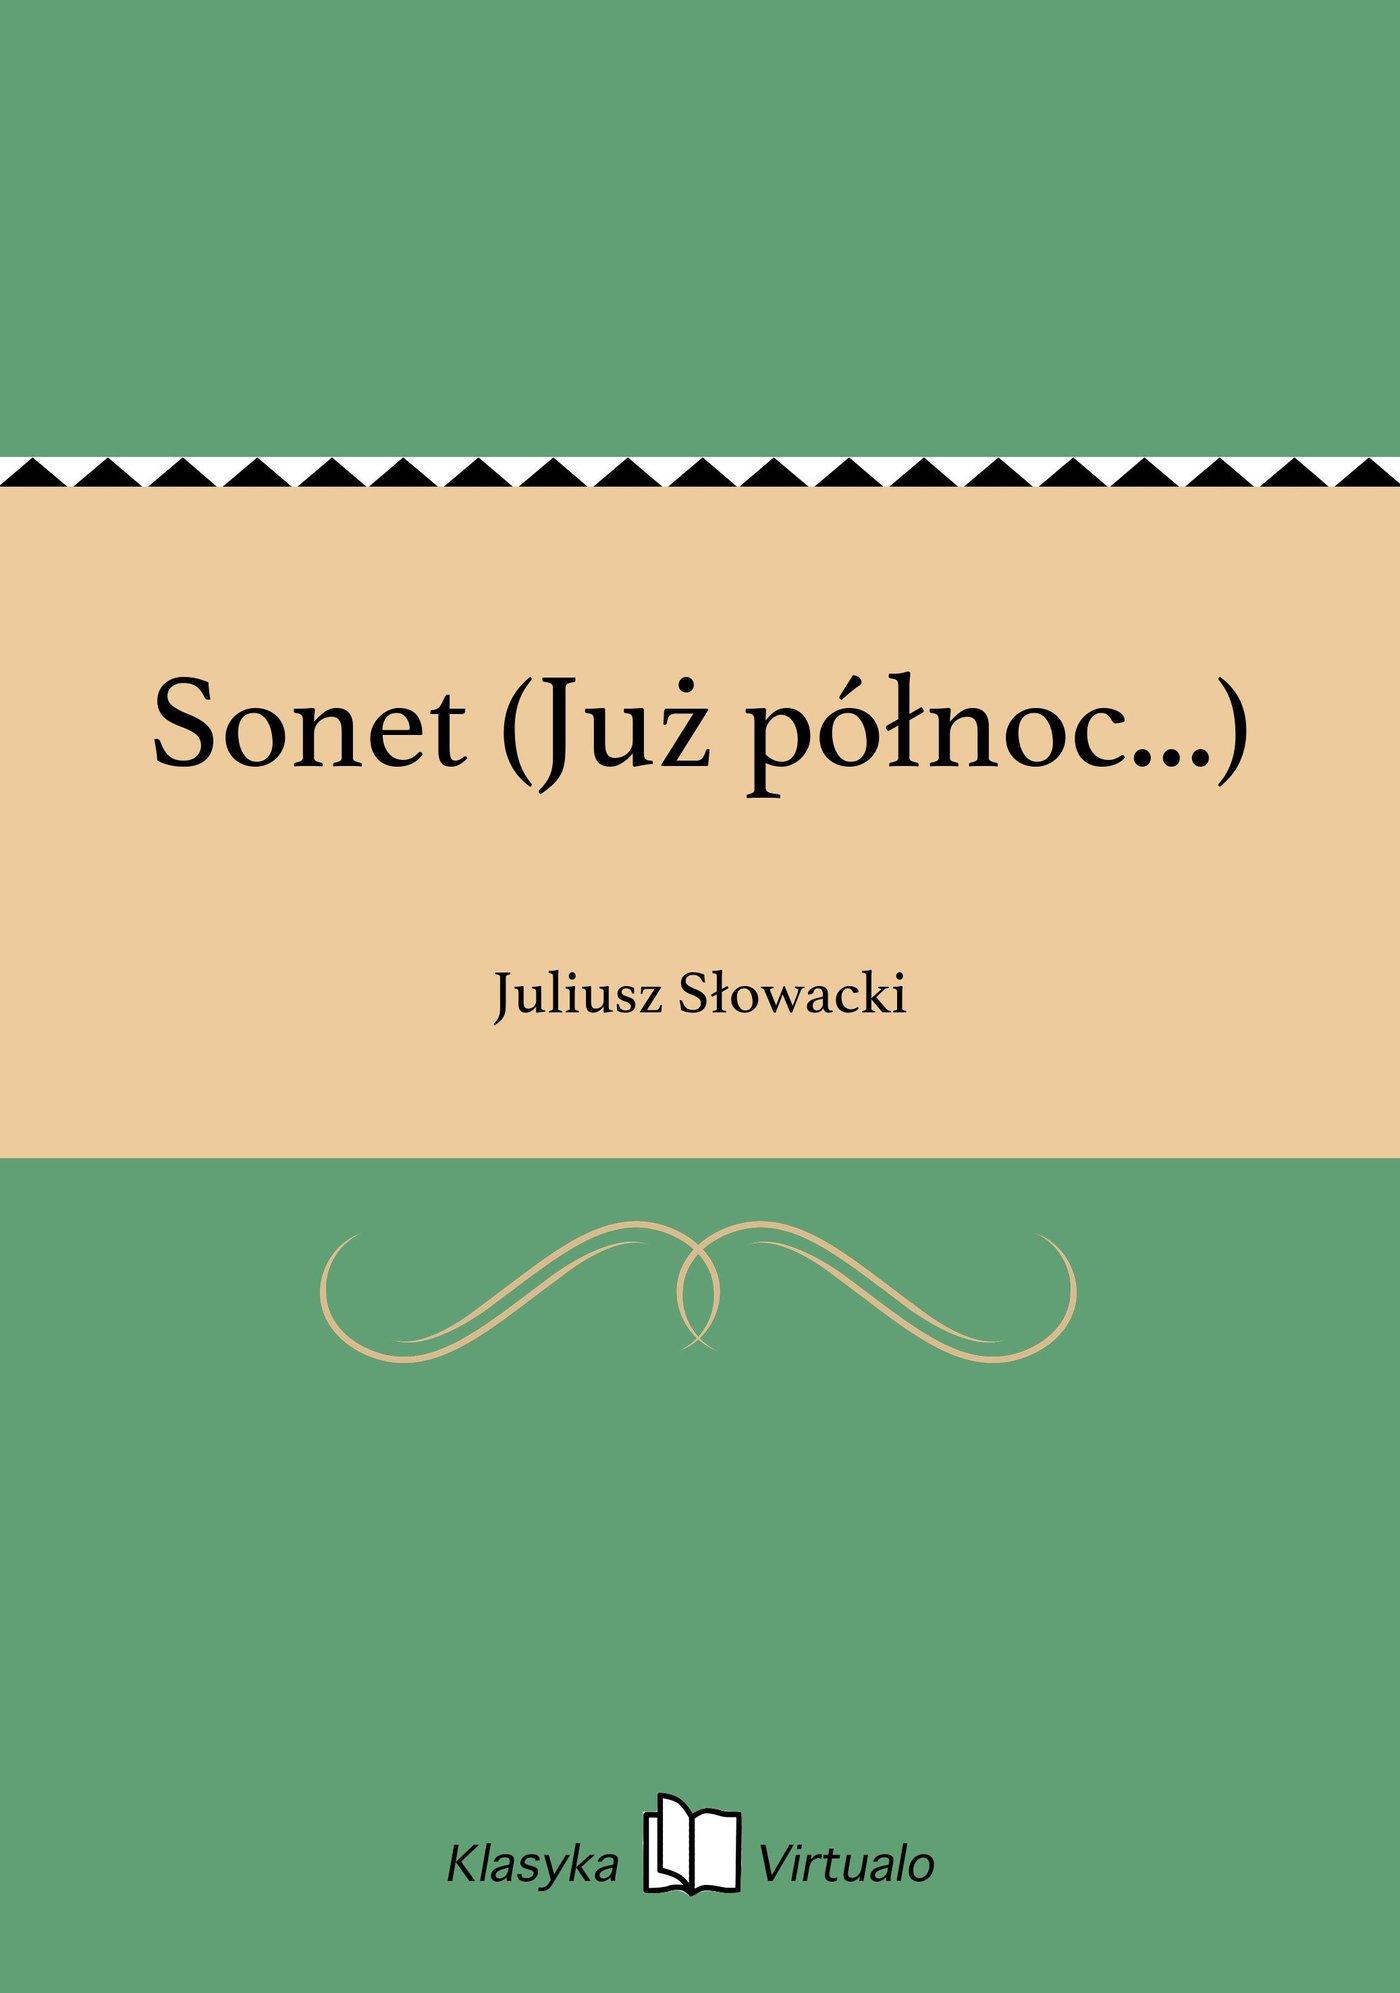 Sonet (Już północ...) - Ebook (Książka EPUB) do pobrania w formacie EPUB